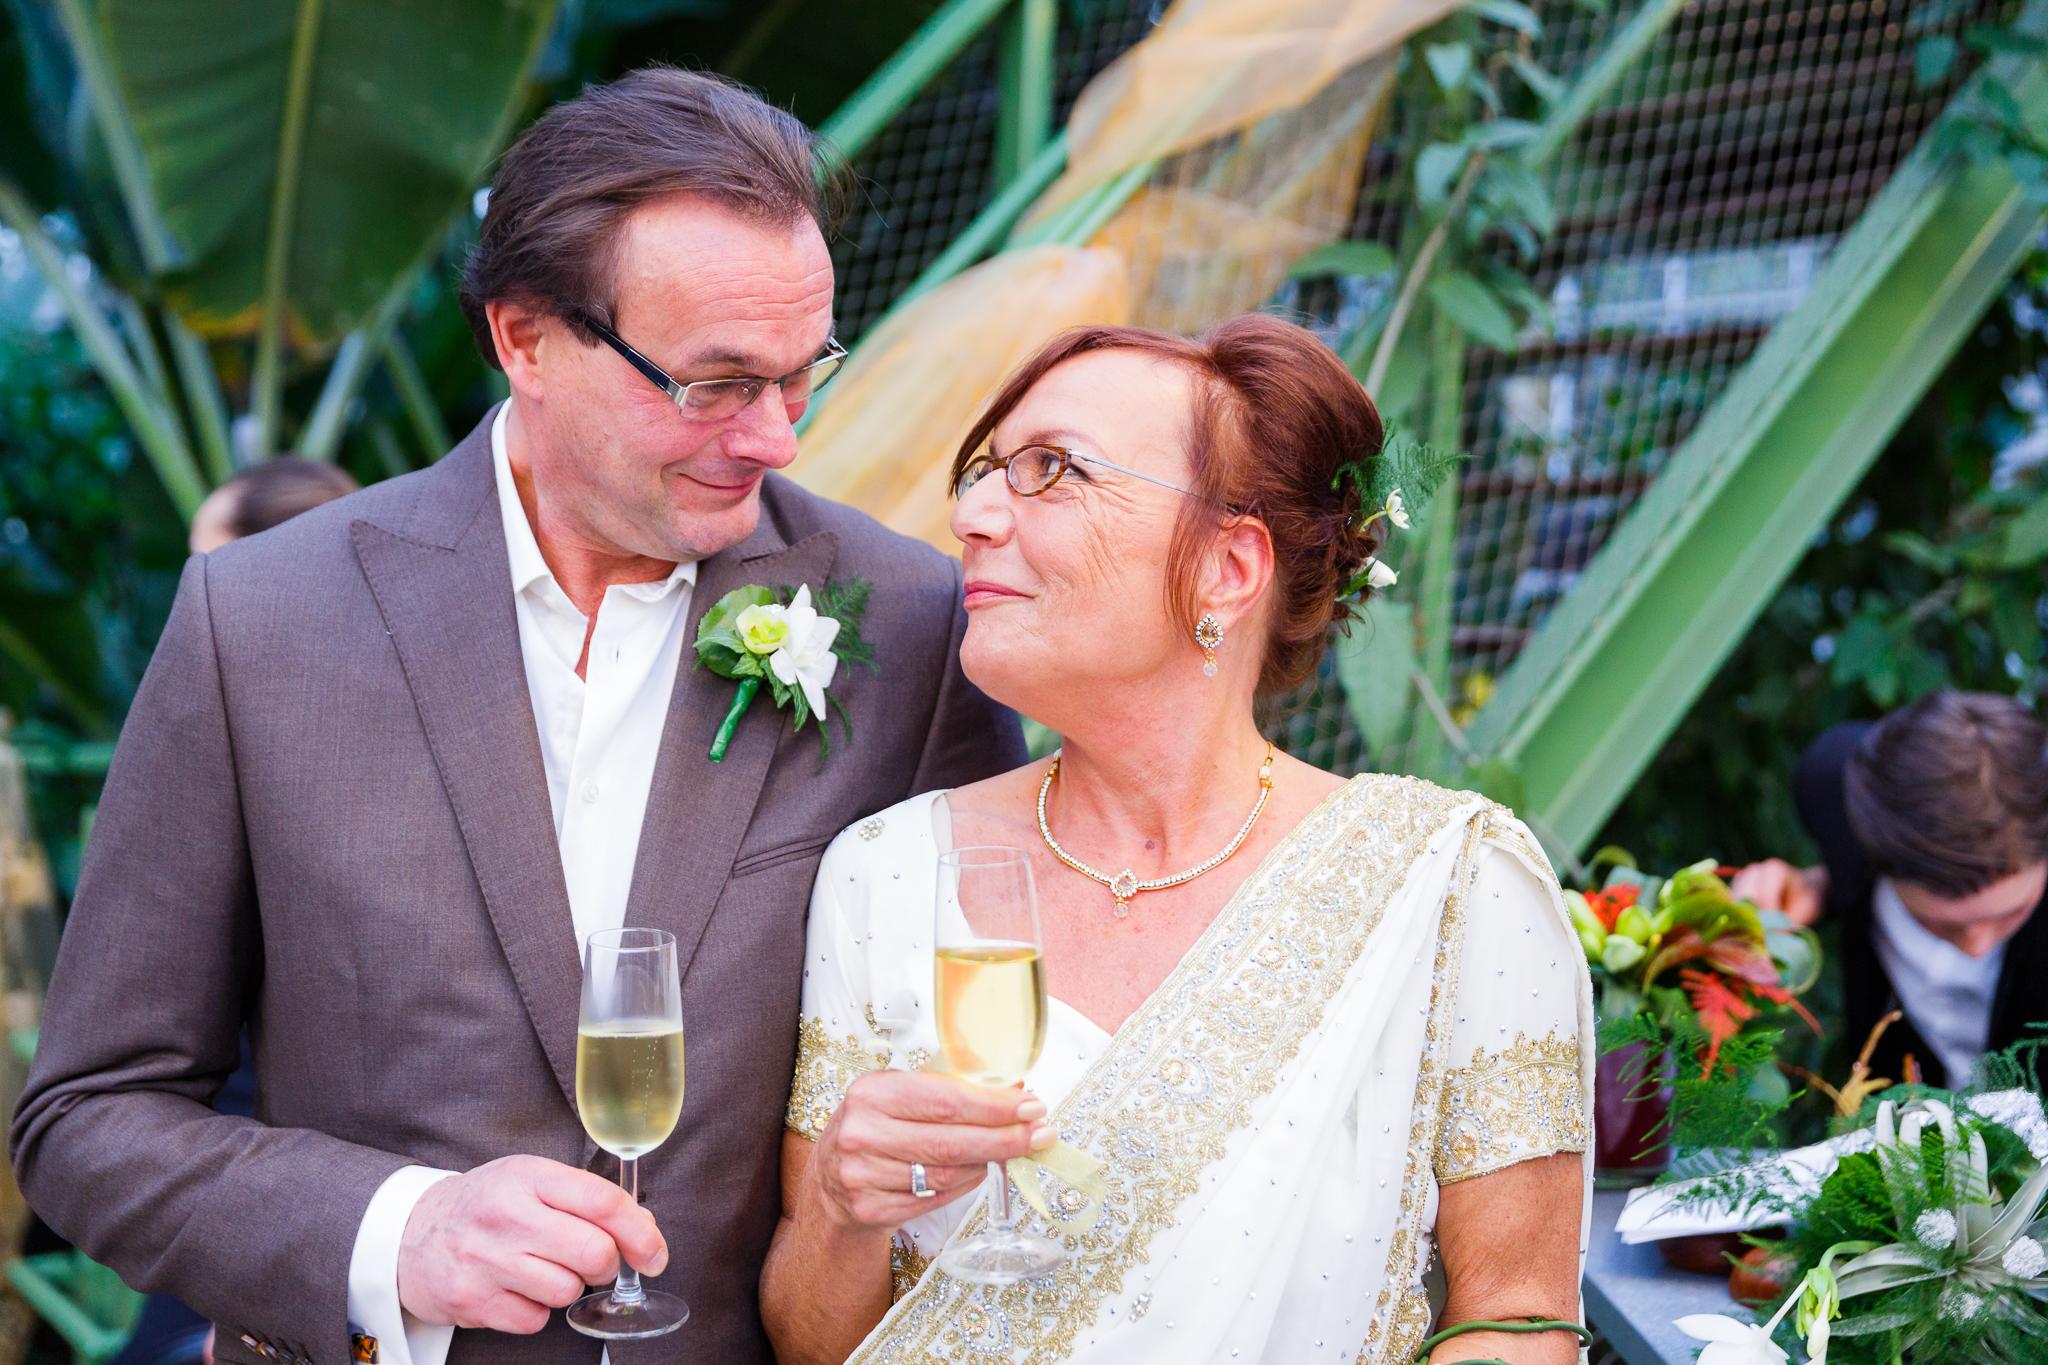 Wedding - YW8A2853.jpg